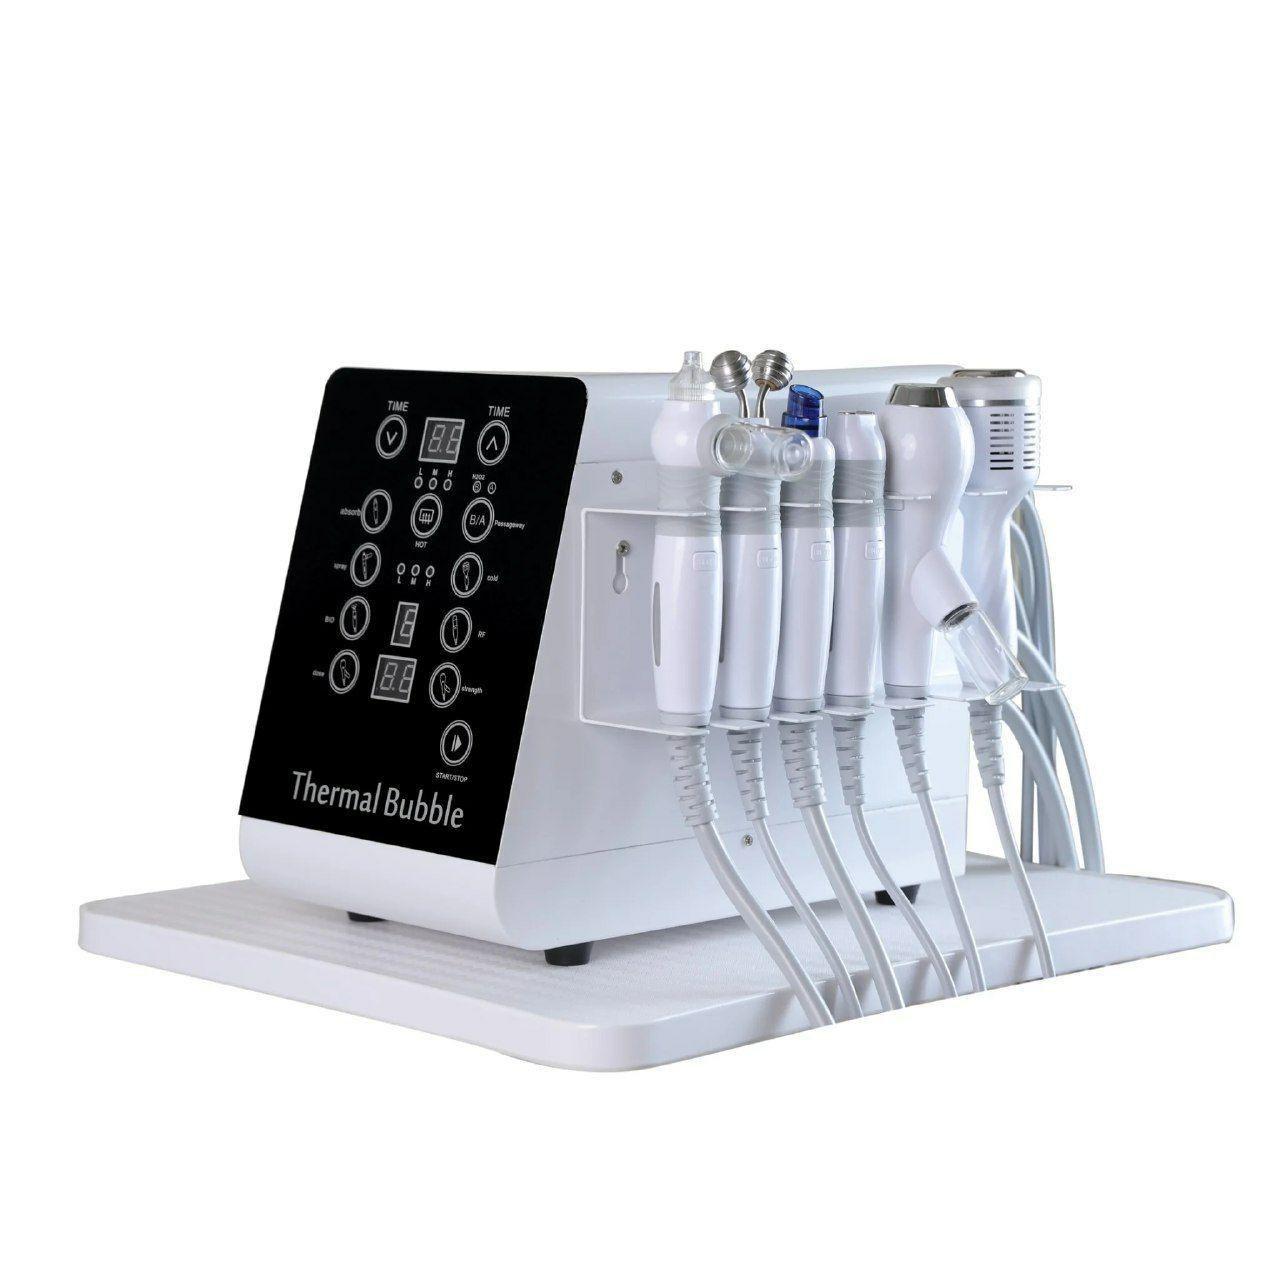 تصویر دستگاه فیشیال ۶ کاره مدل Bubble Thermal